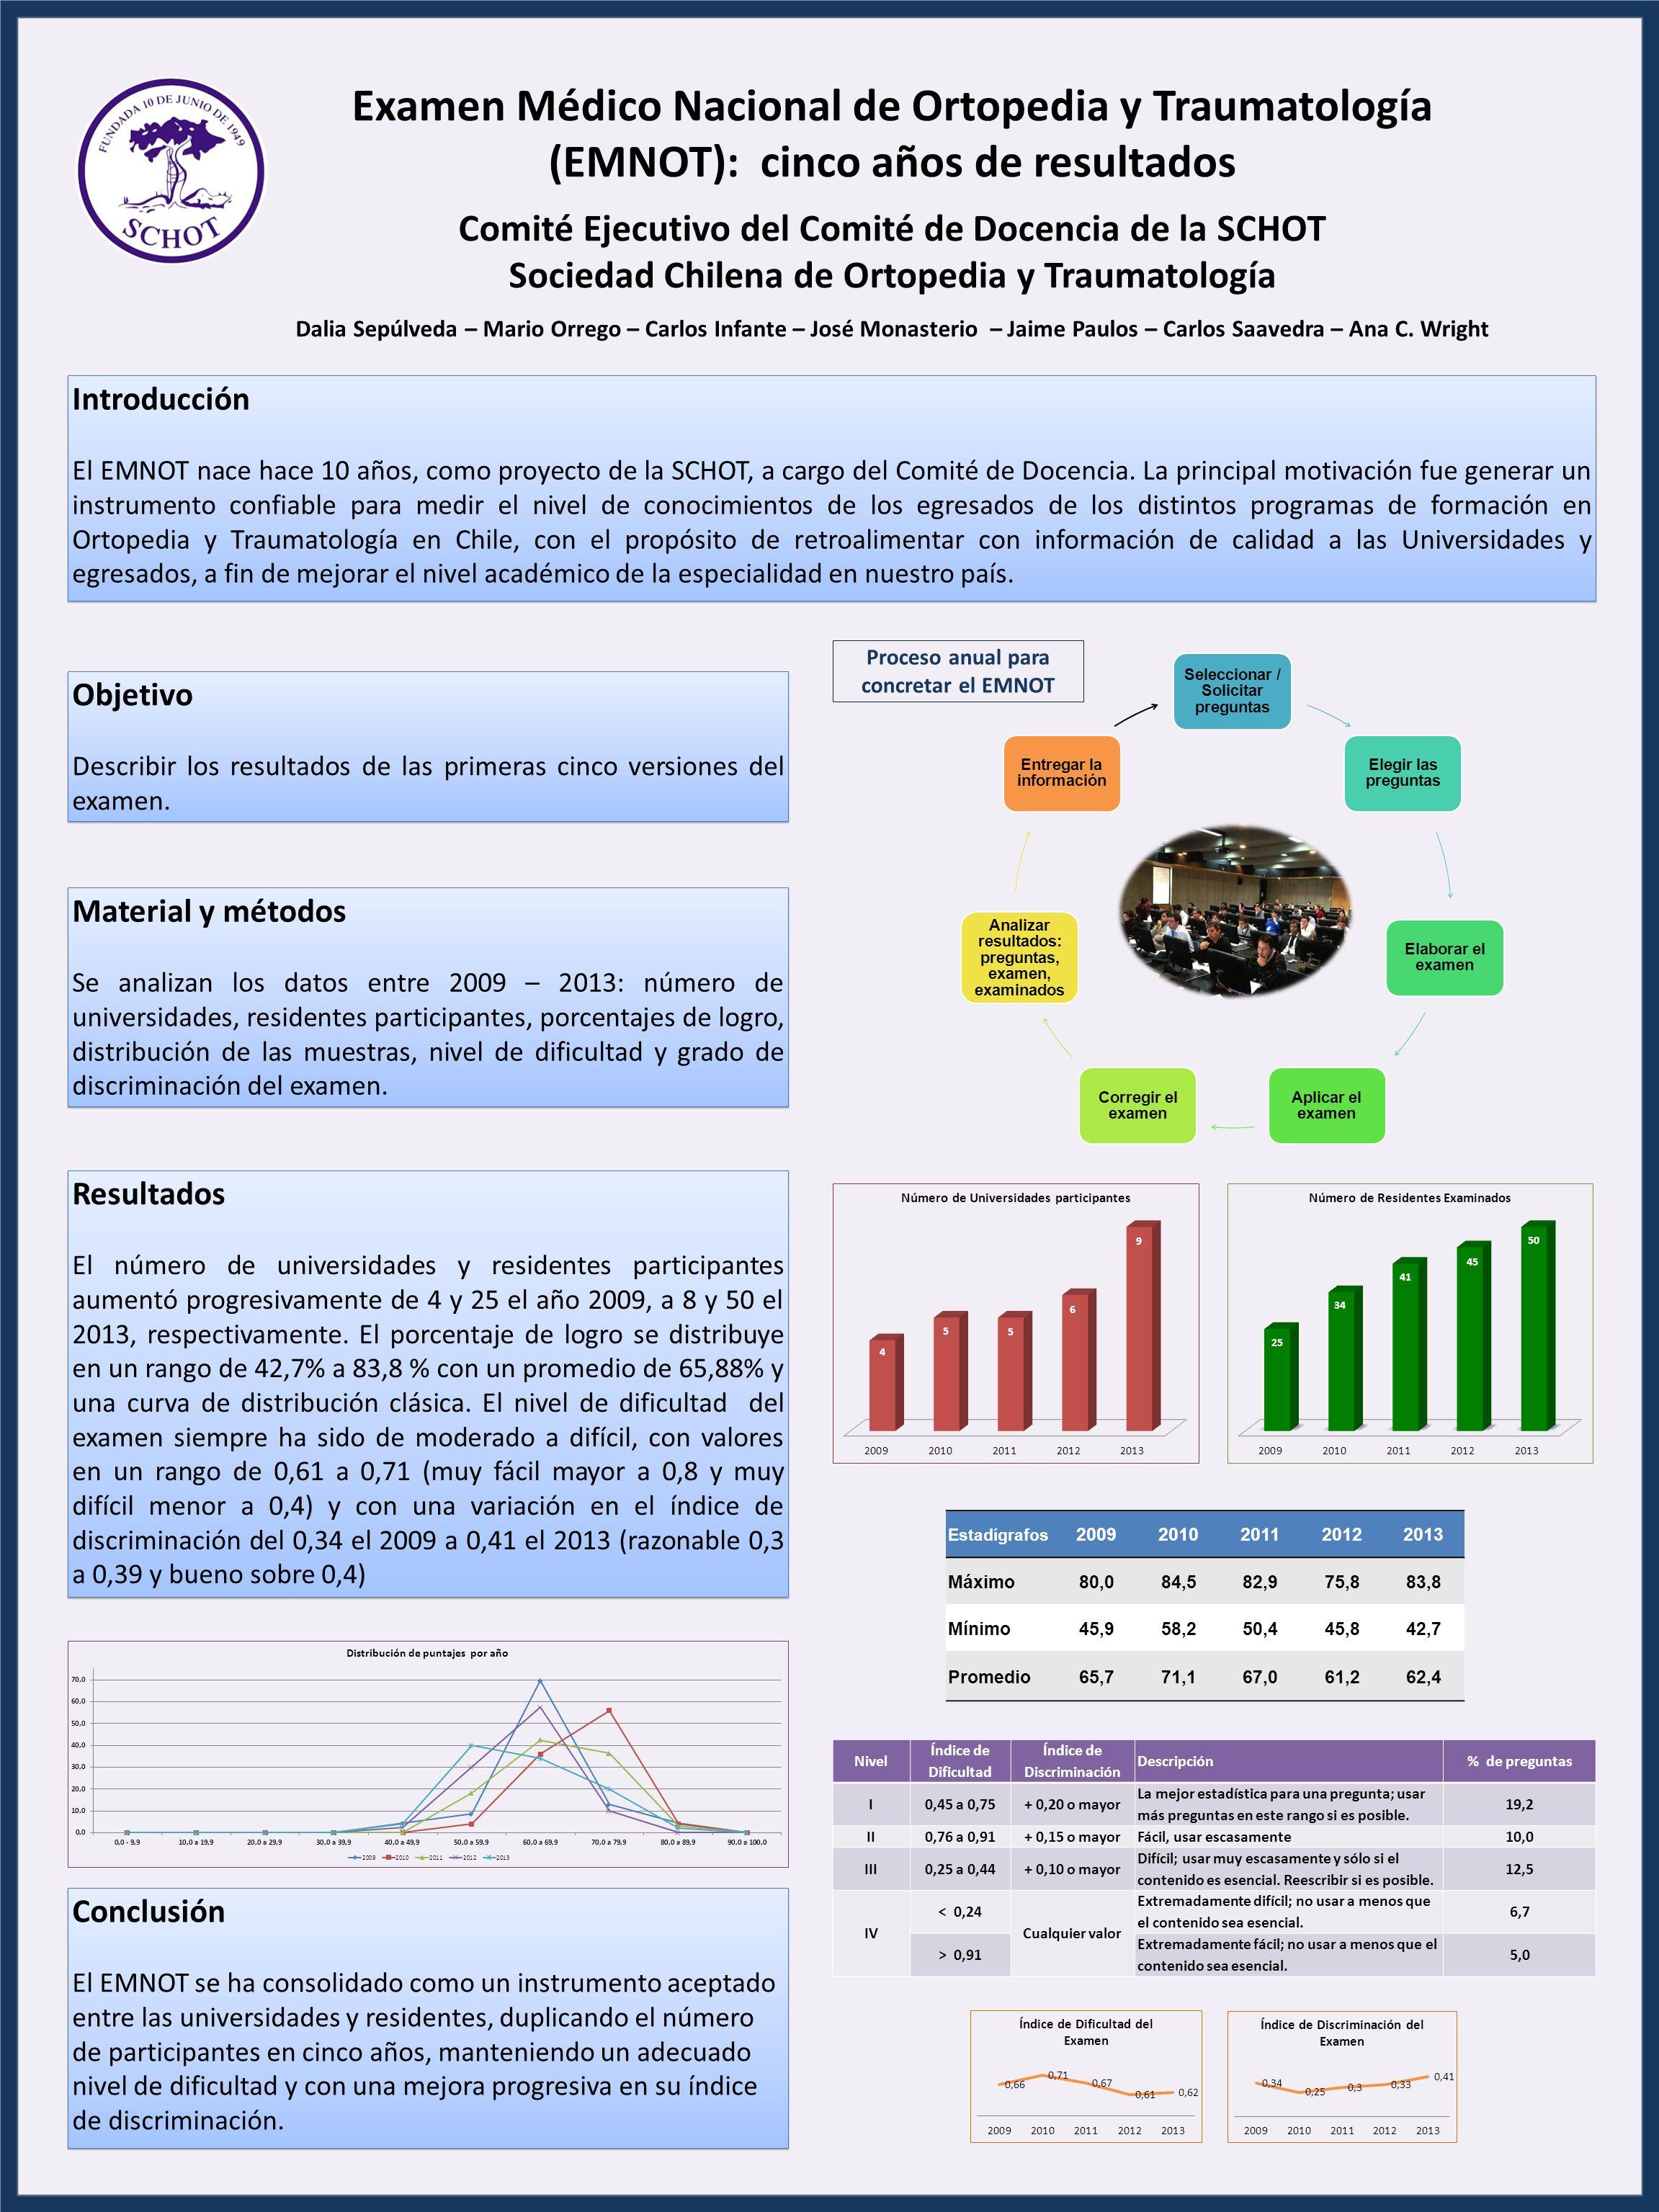 Examen Médico Nacional de Ortopedia y Traumatología (EMNOT): cinco años de resultados